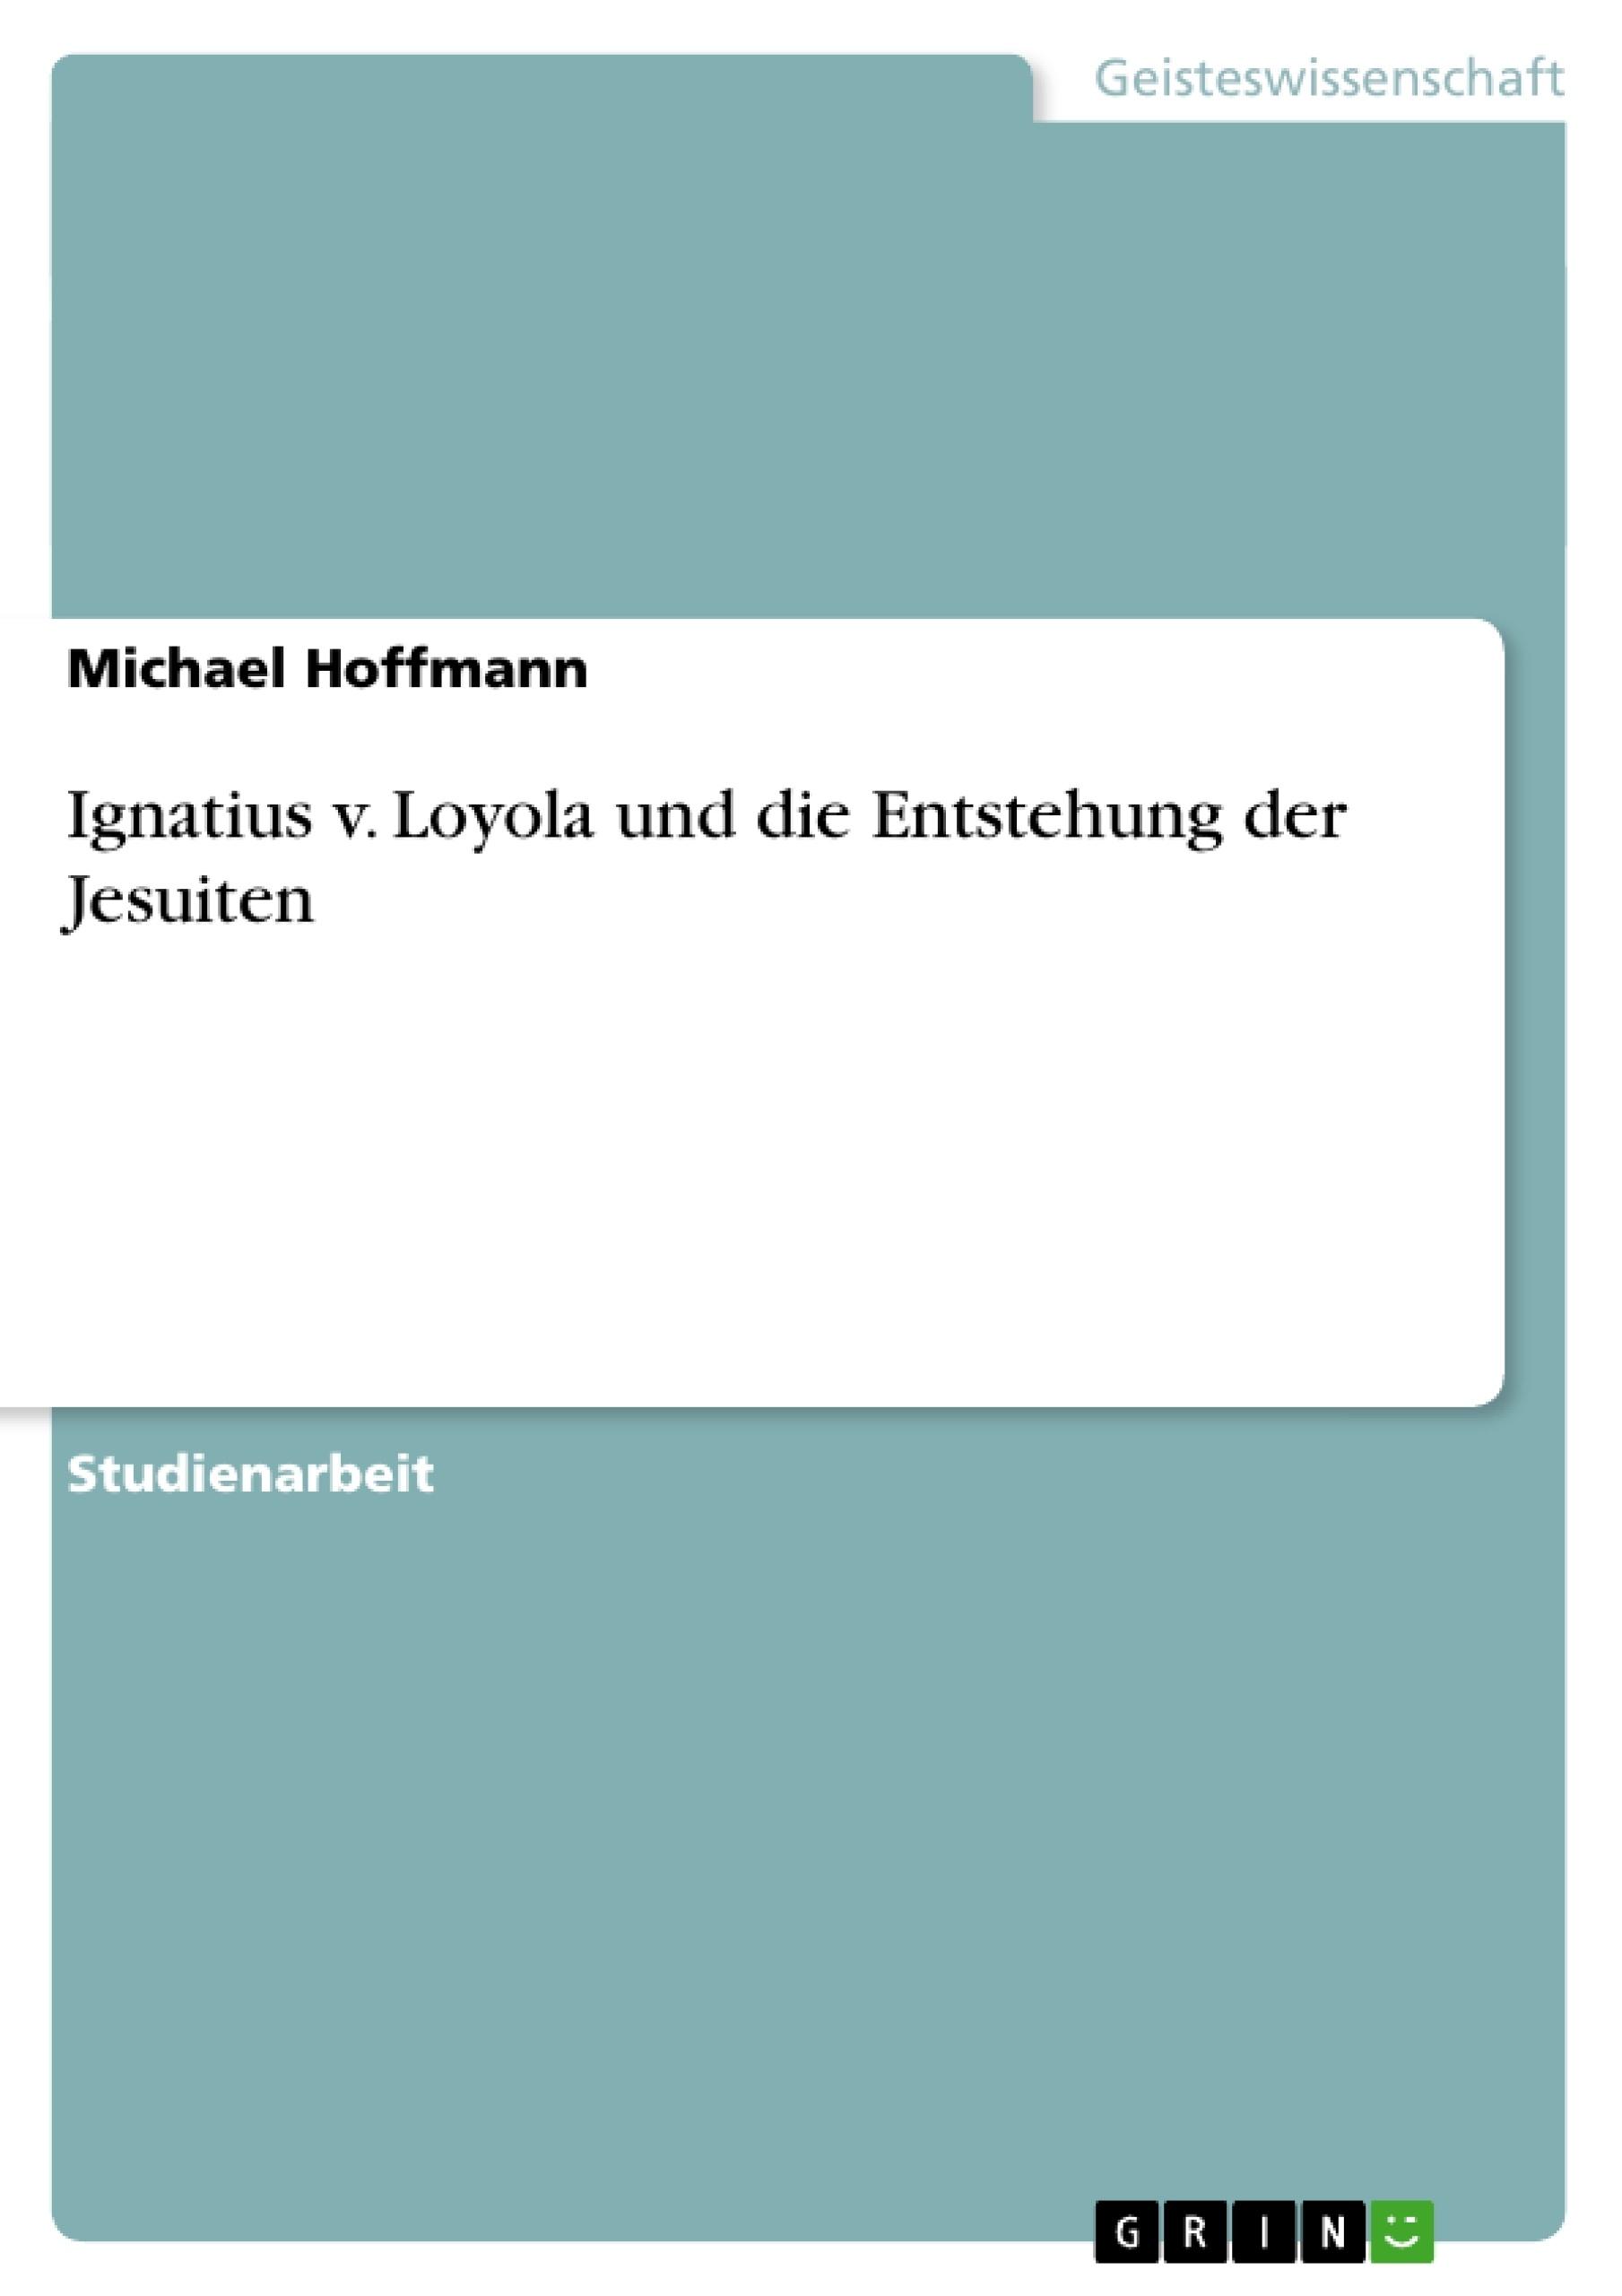 Titel: Ignatius v. Loyola und die Entstehung der Jesuiten